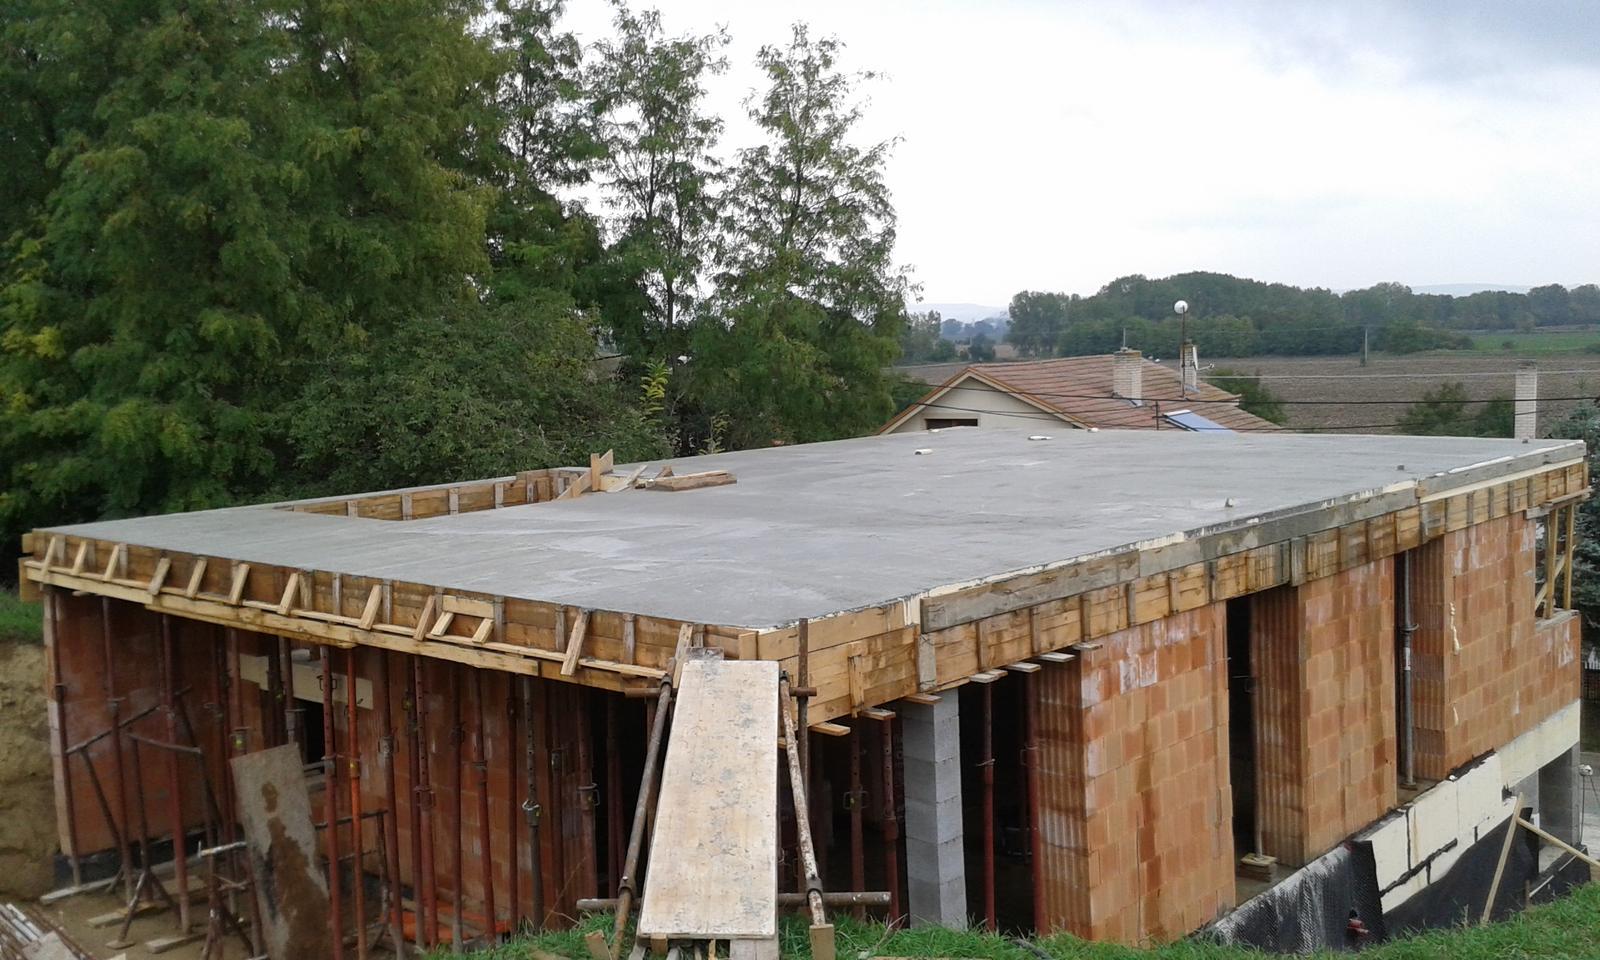 Prízemie - 7.10.2015 - Konečne zaliata deka. Od 2.10 sme sa nemohli nejak s betonárnou zosúladiť. Raz nemohli oni, potom pršalo, potom zasa nestíhali... Hrúza. Do deky šlo 21m3 betónu